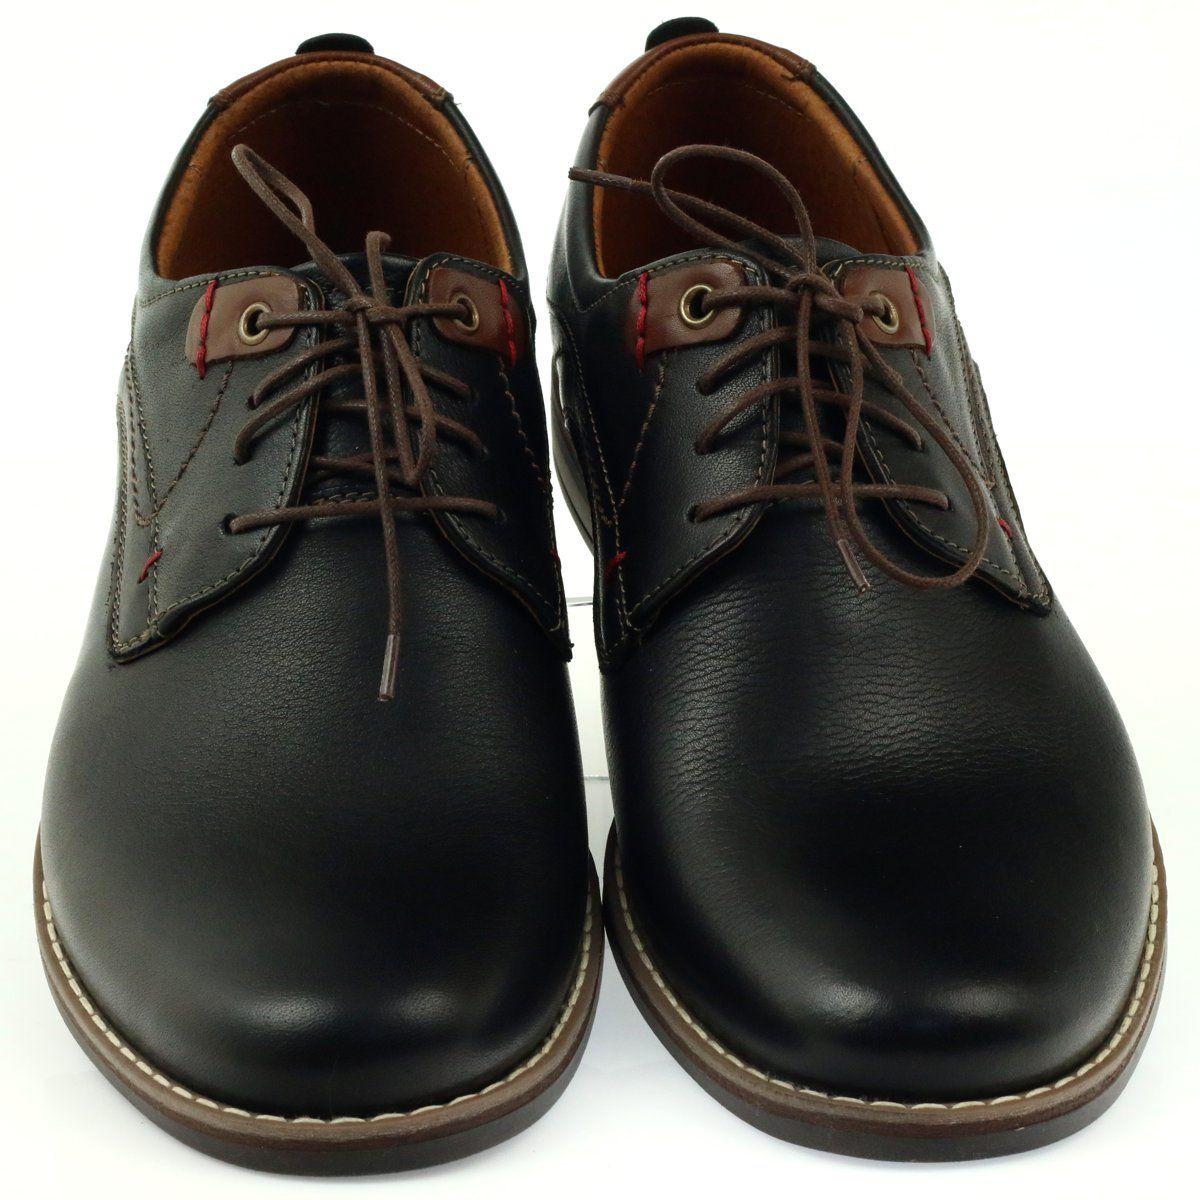 Riko Buty Meskie Polbuty Wiazane 842 Czarne Brazowe Shoes Men S Shoes Leather Heels